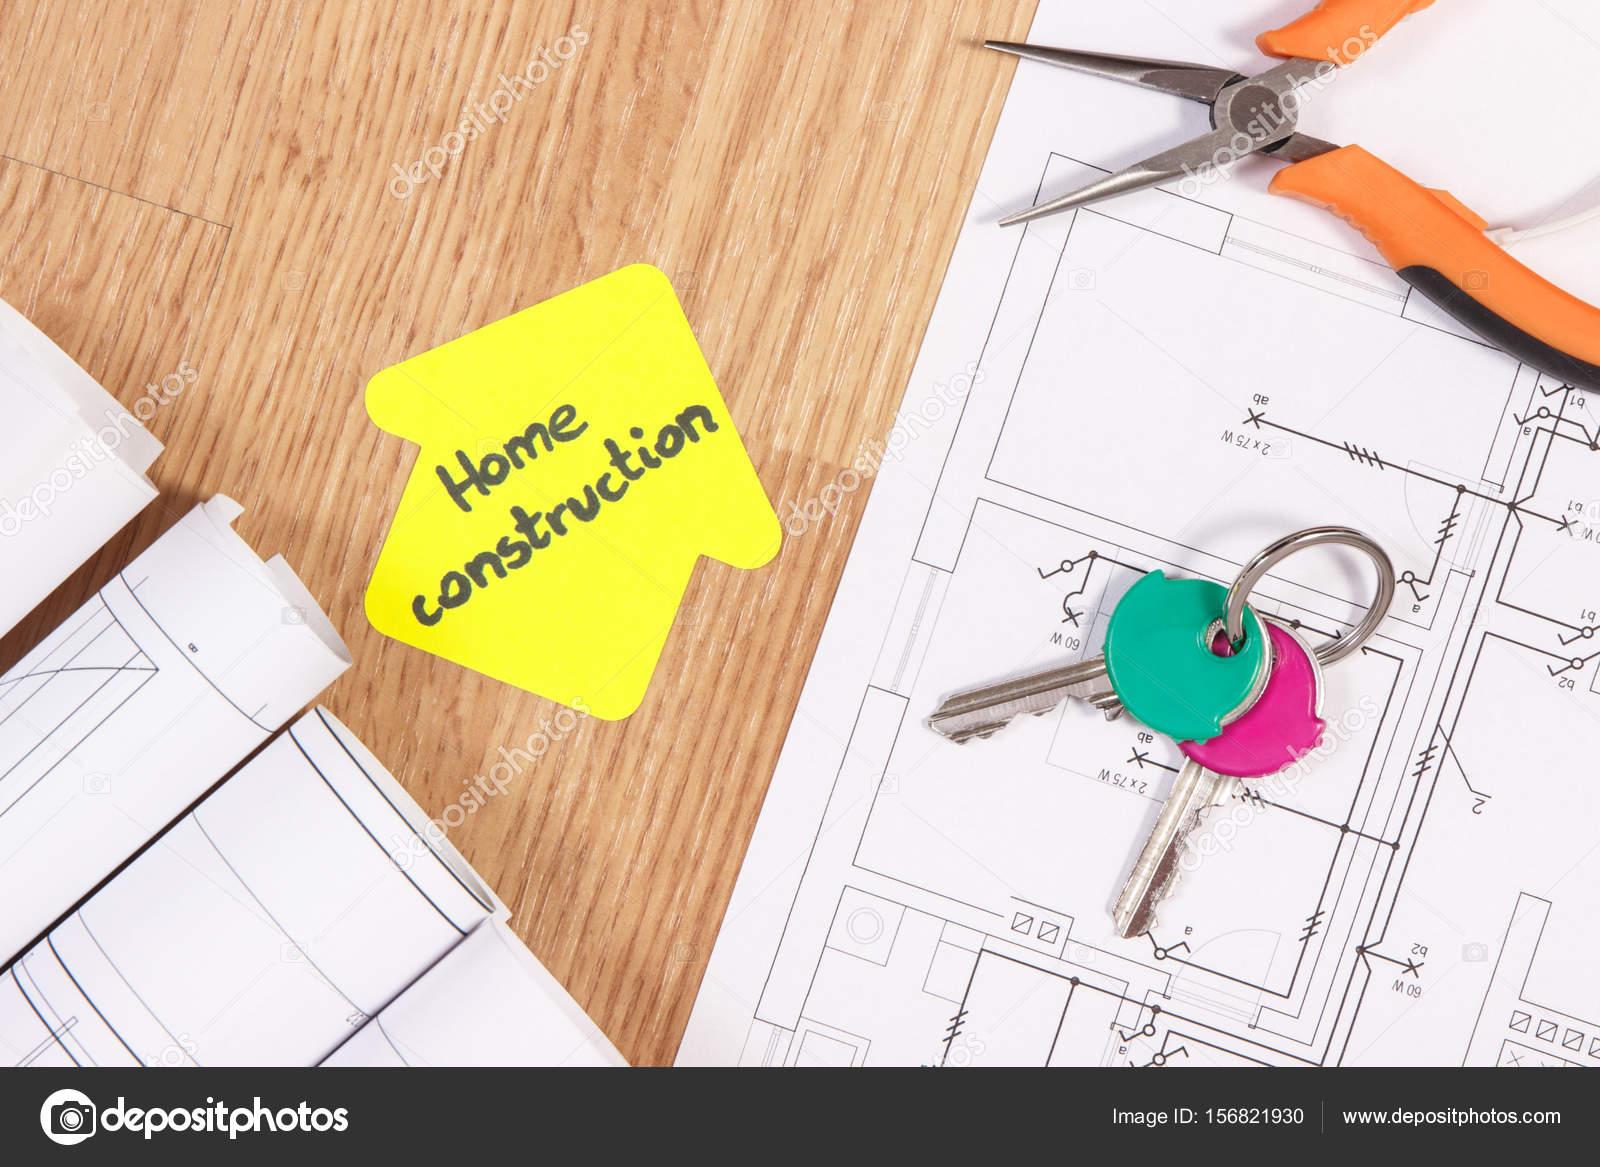 Home Tasten, Metall Zangen, Diagramme Oder Elektrische  Konstruktionszeichnungen Und Gelbem Papier In Form Eines Hauses Mit Text  Hausbau Konzept Des Gebäudes ...